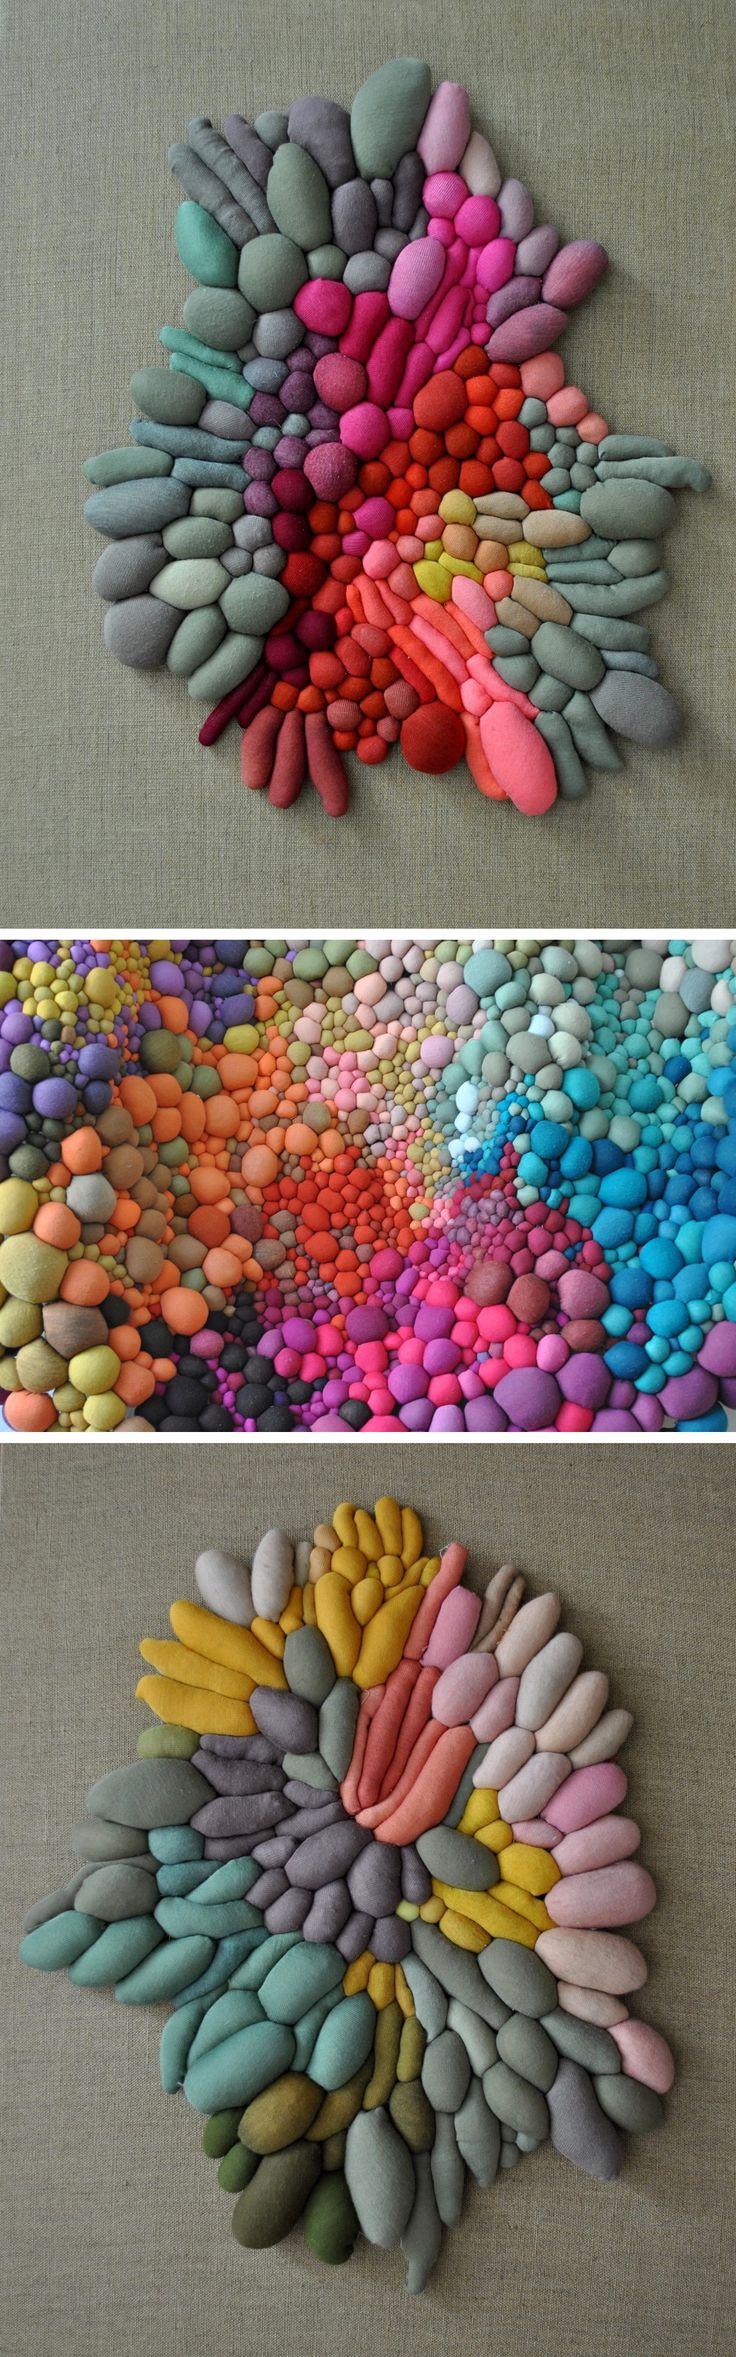 textile home decor ideas 1